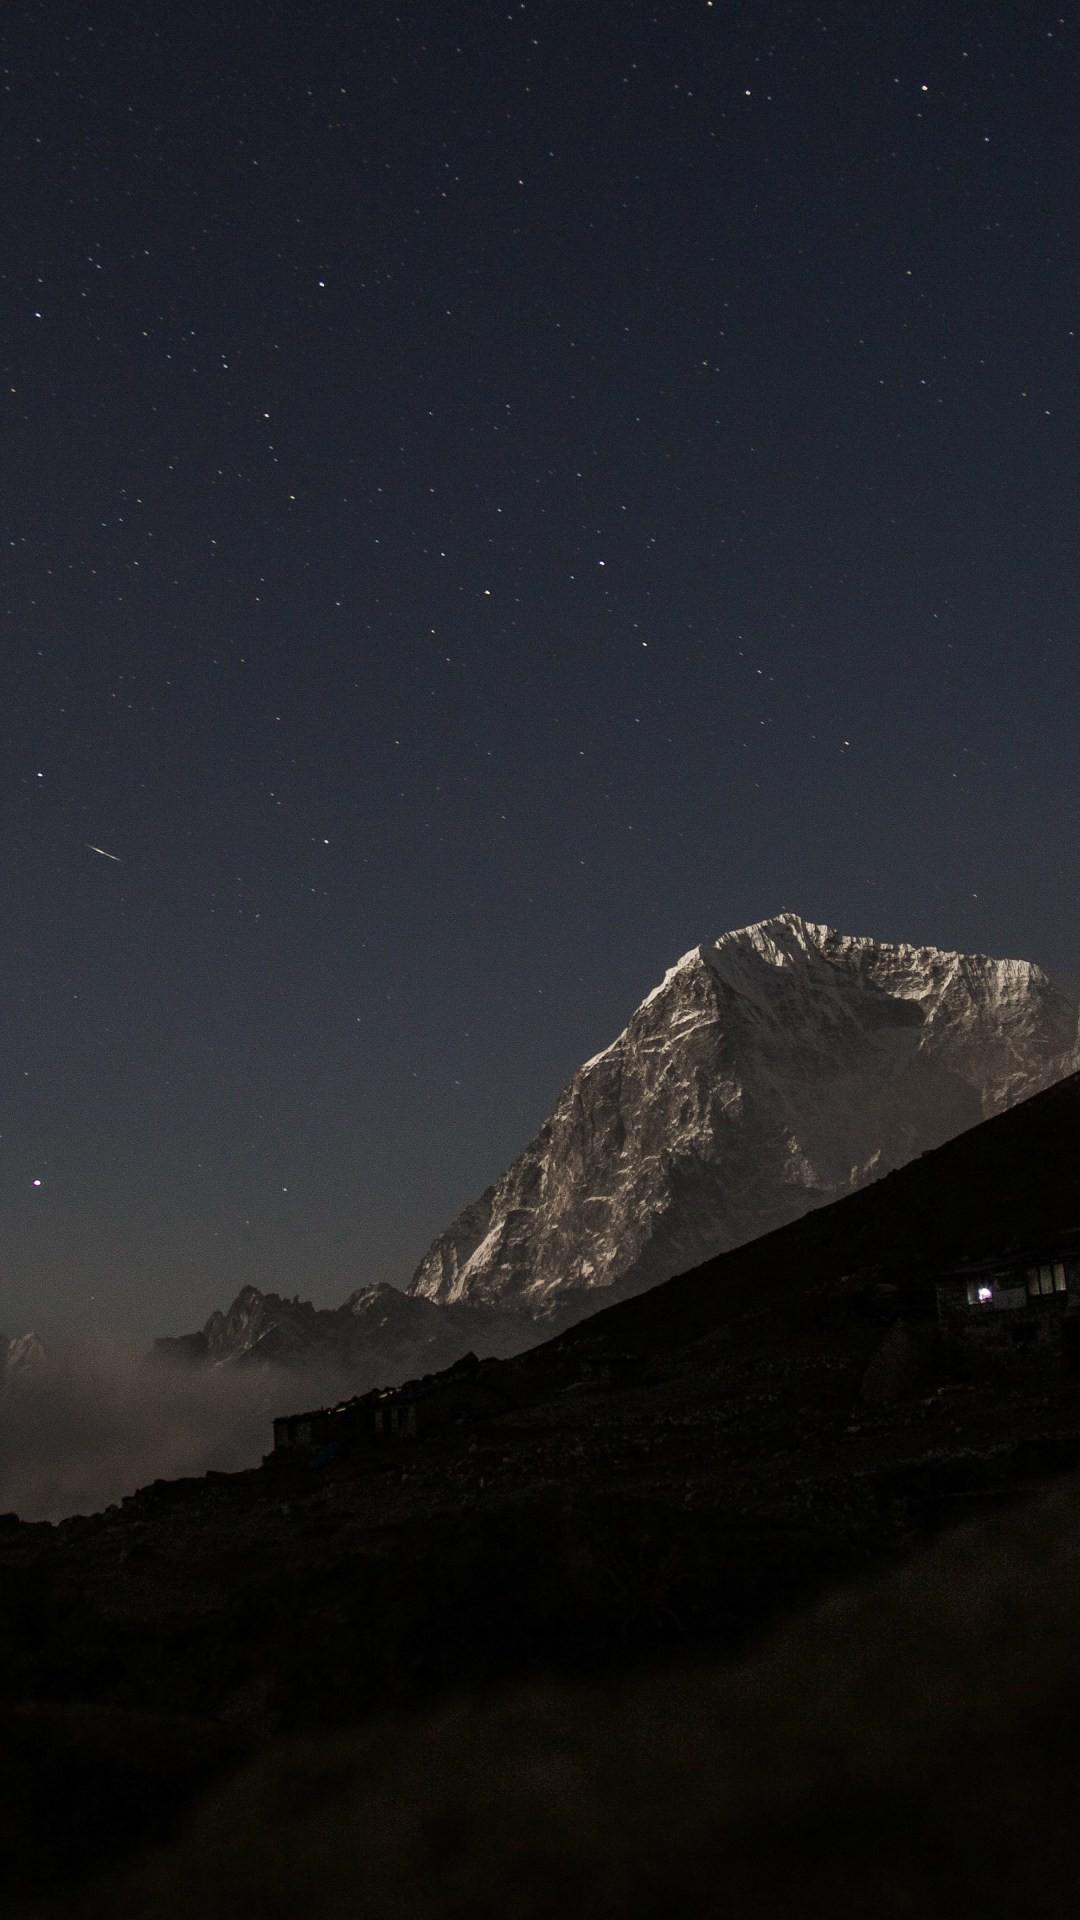 Night Sky Near Mountain 4K Wallpaper